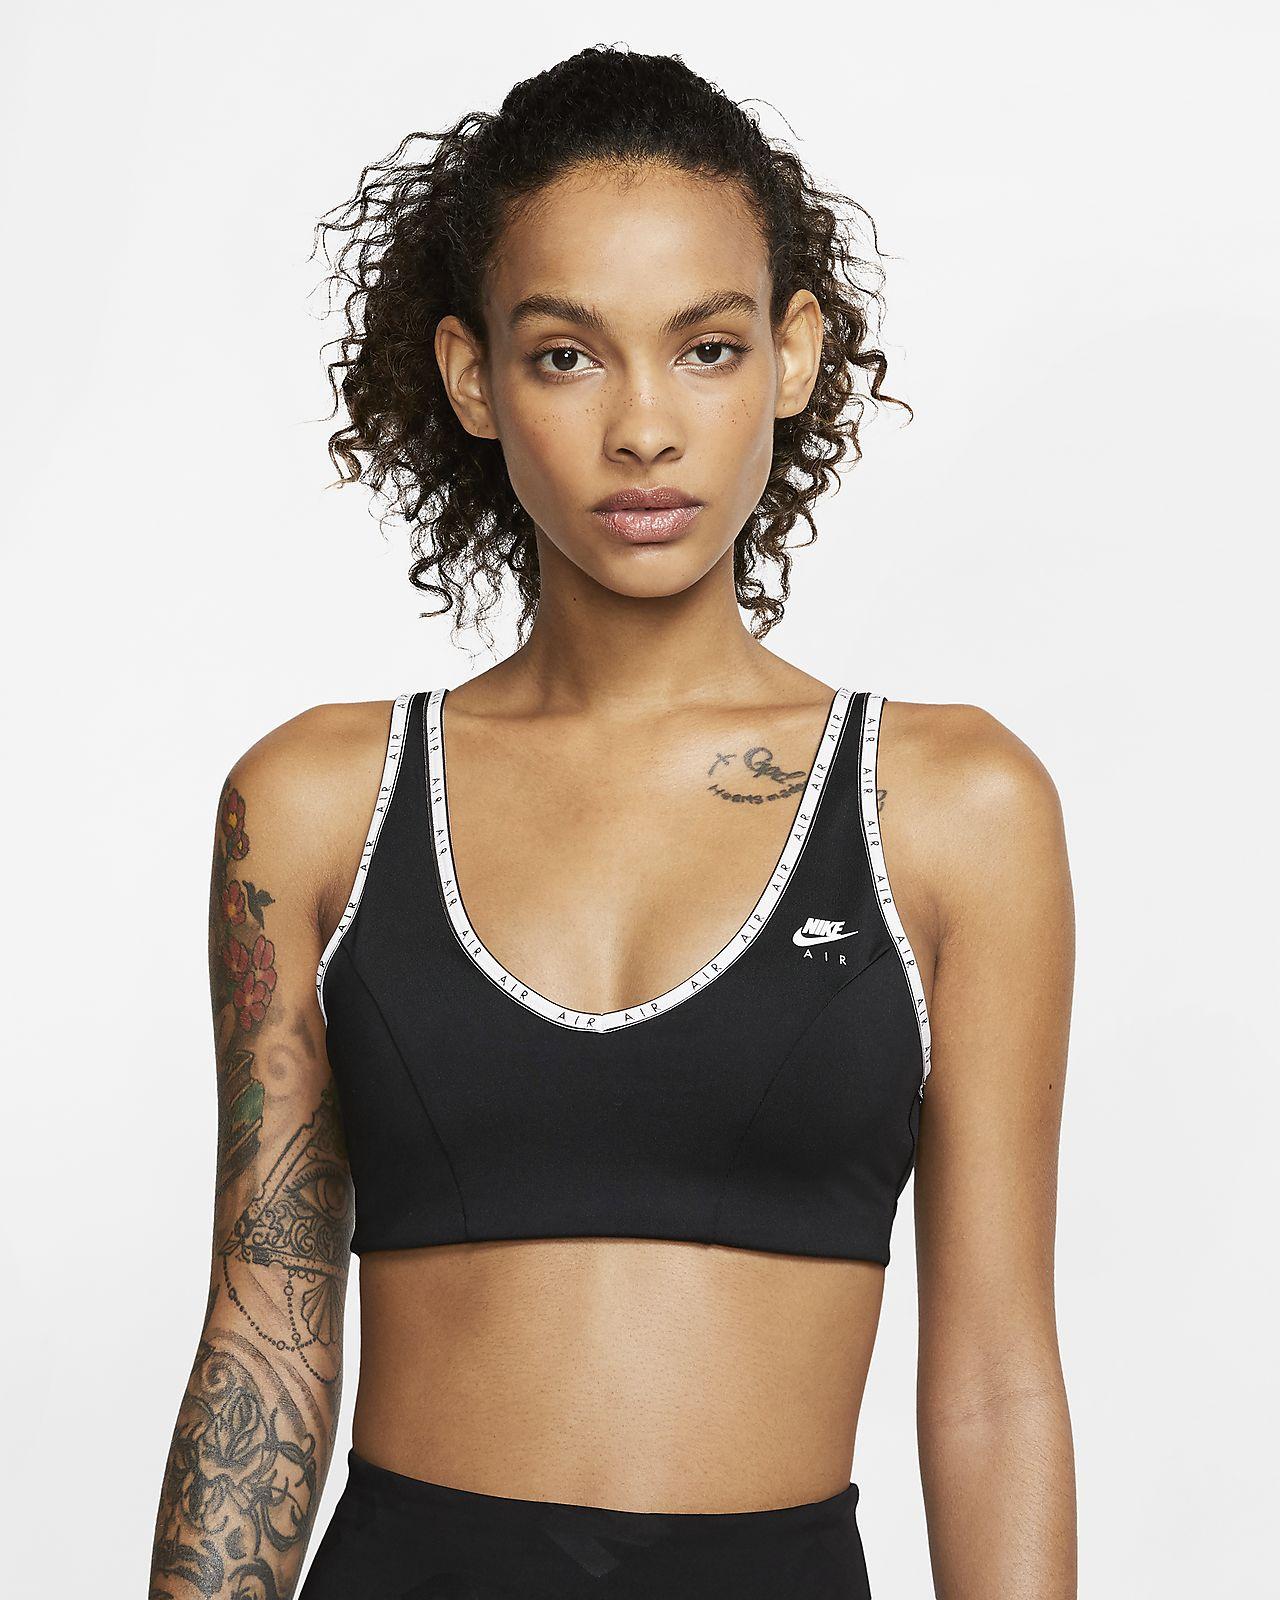 Nike Air Indy Hafif Destekli Kadın Spor Sütyeni